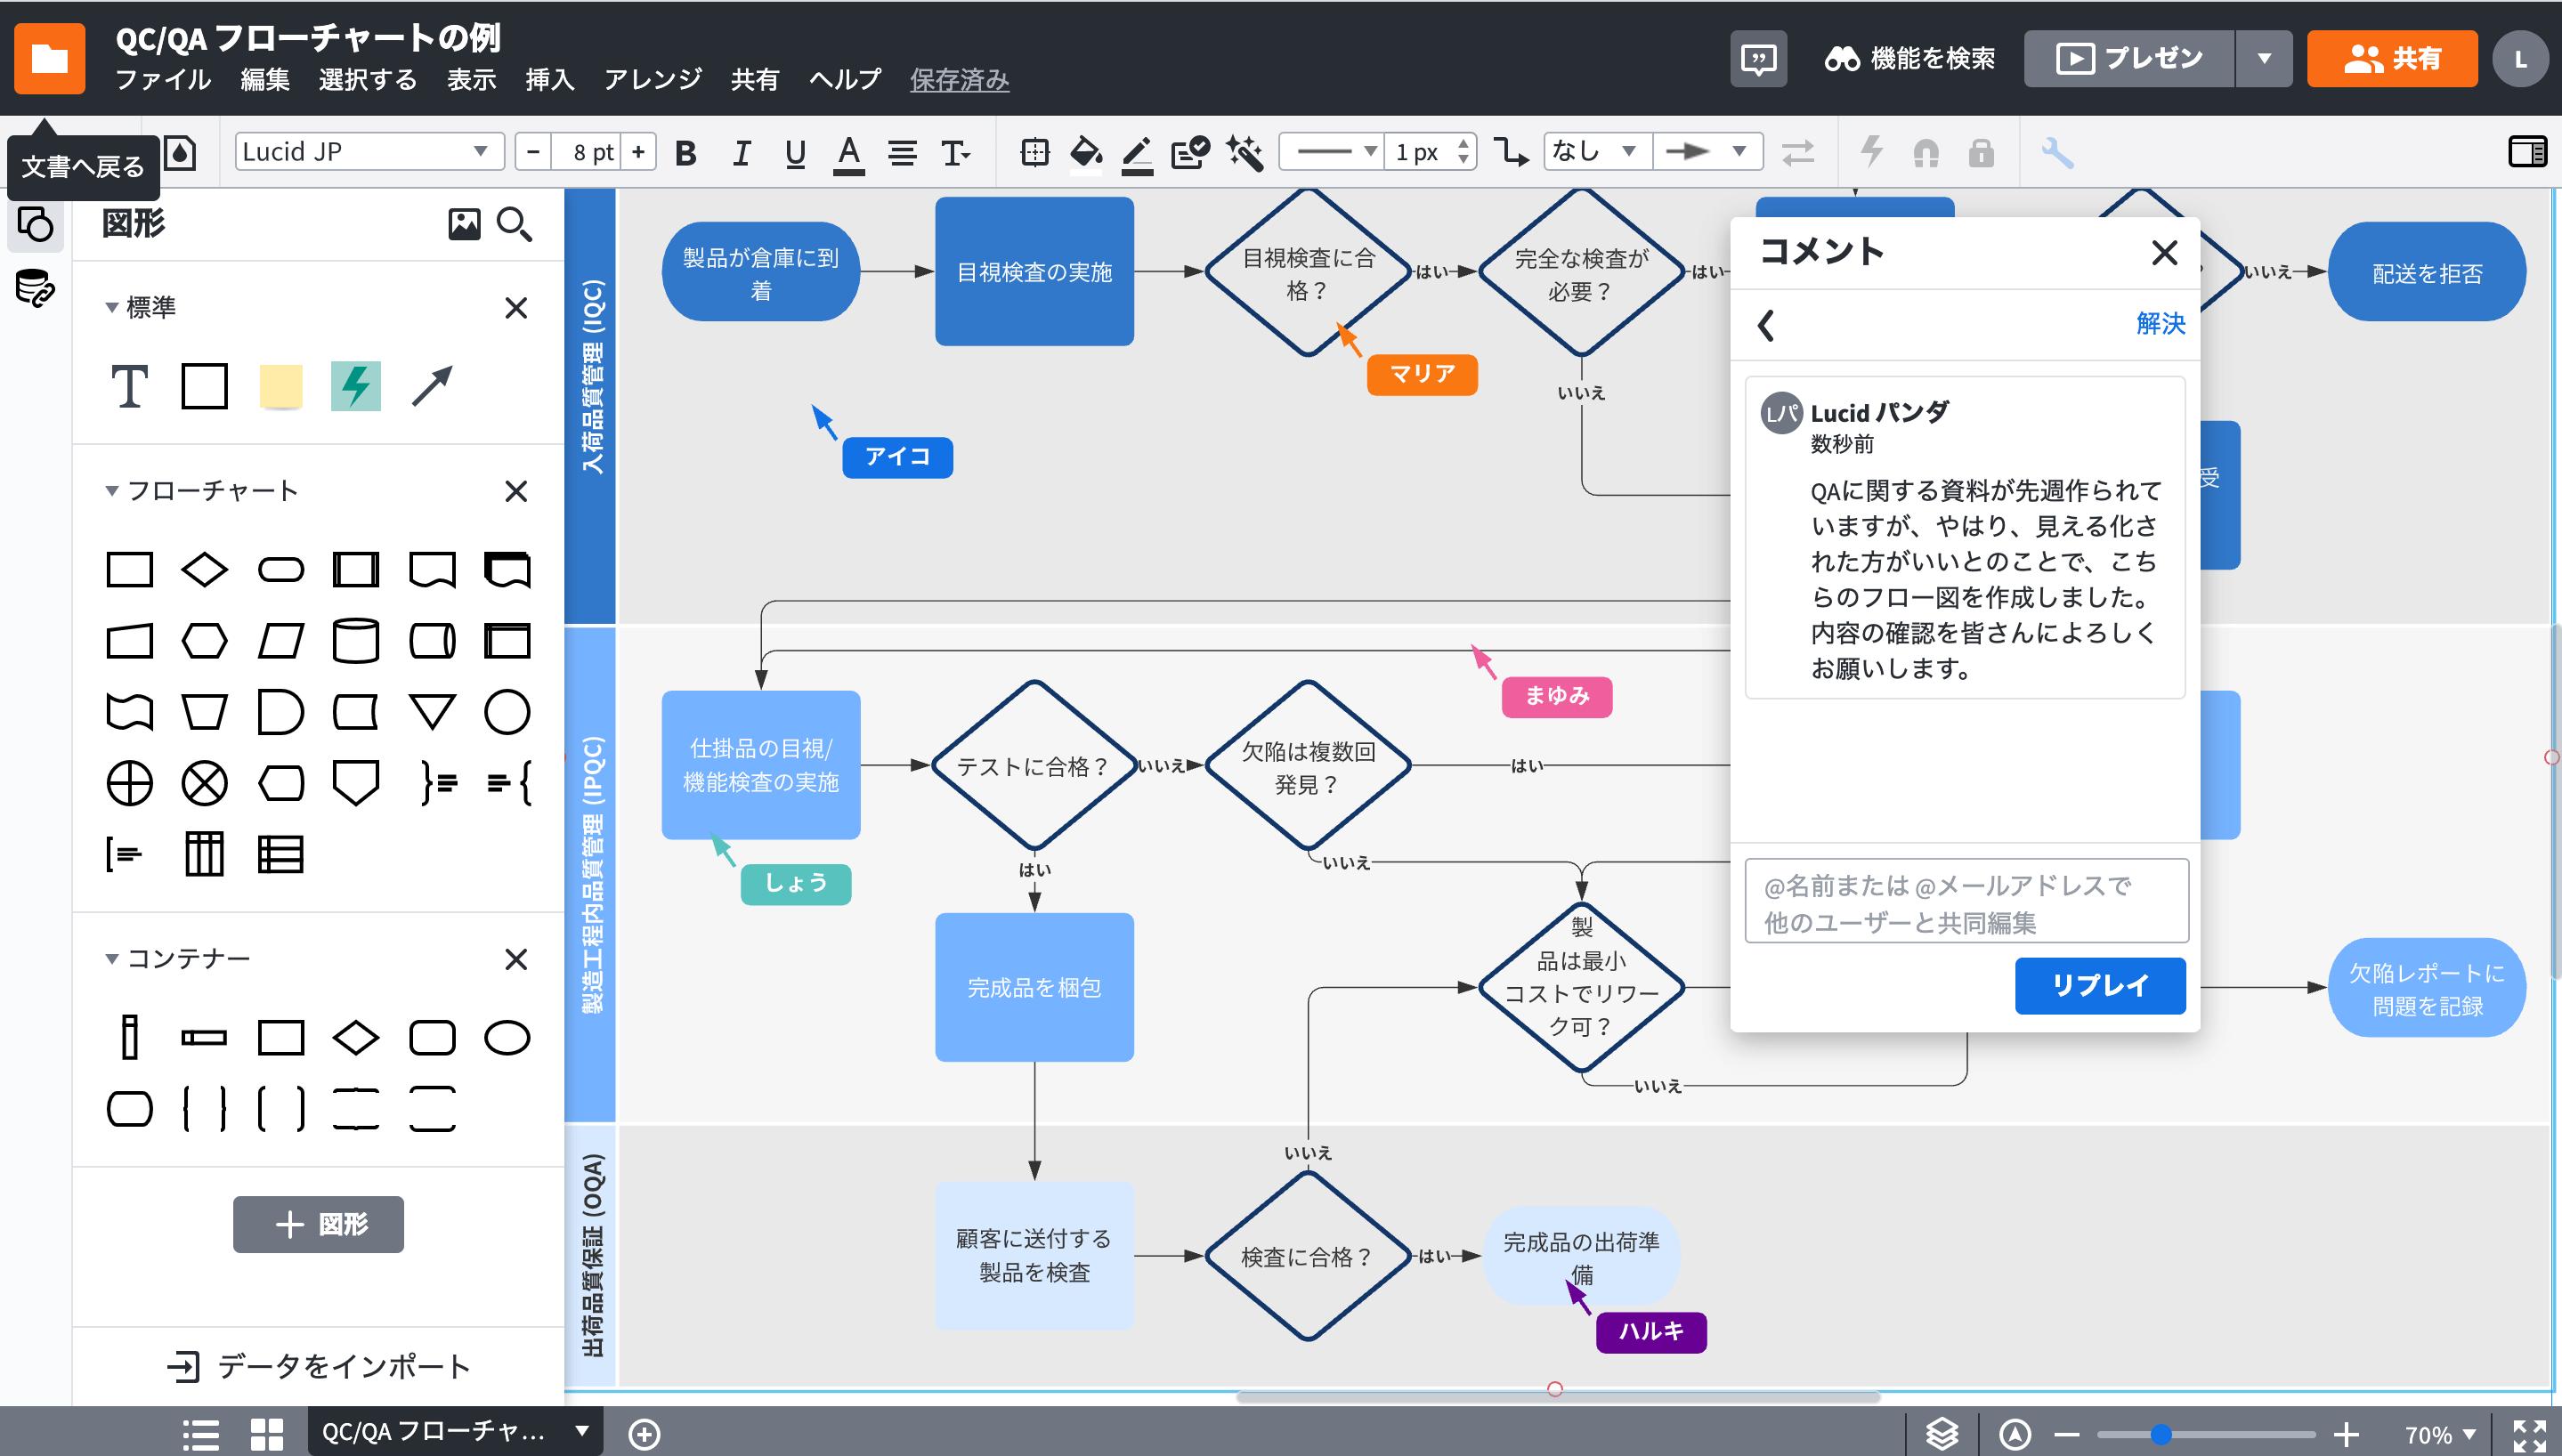 コストの削減も可能なVisio代替ソフト